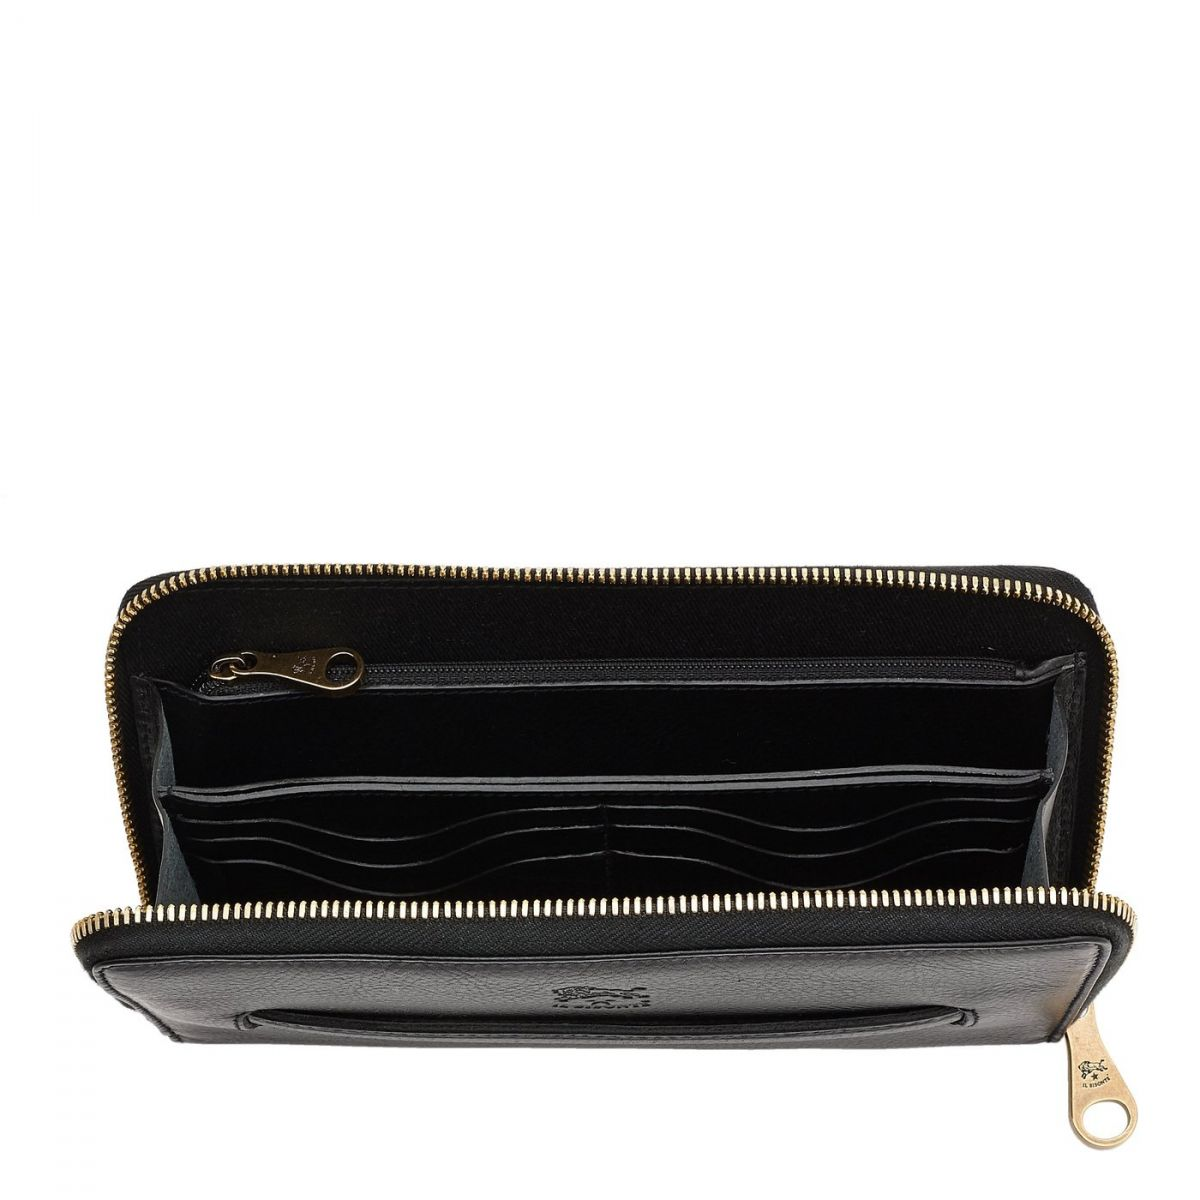 Portefeuille Zippé pour Femme en Cuir De Vachette couleur Noir - SZW028 | Details